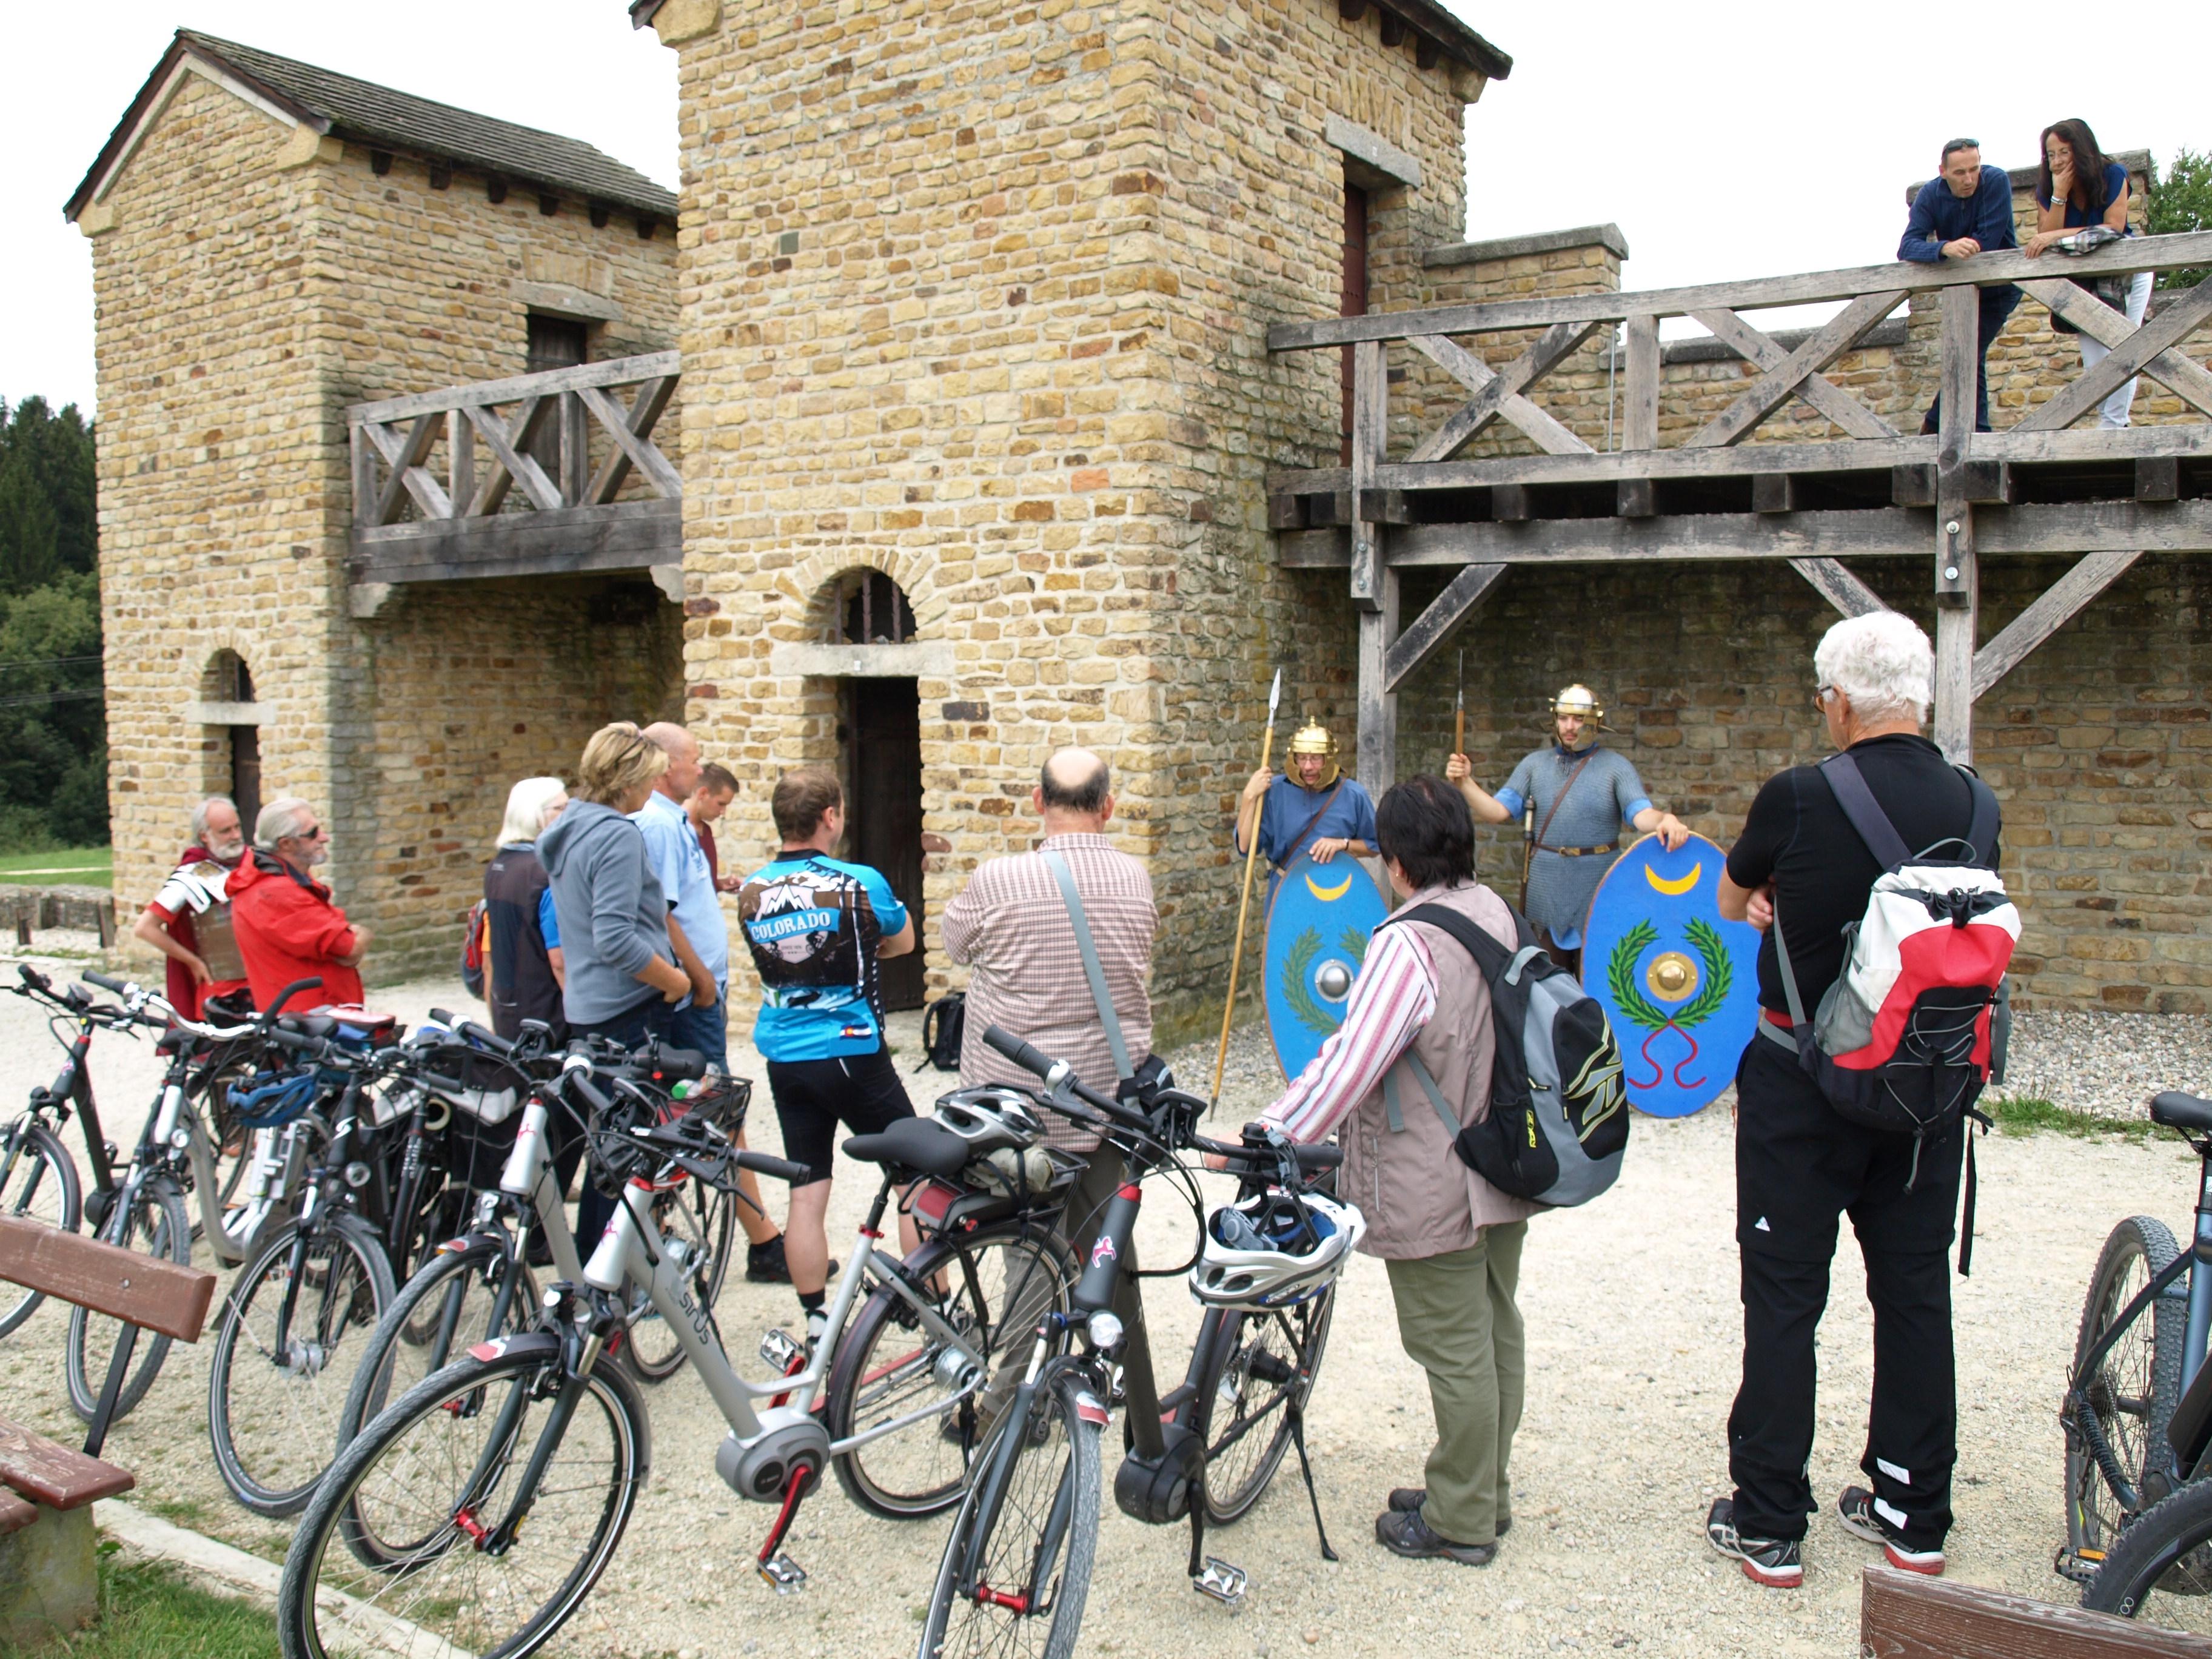 6-tägige Jubiläumsradtour zum 200. Geburtstag des Fahrrads